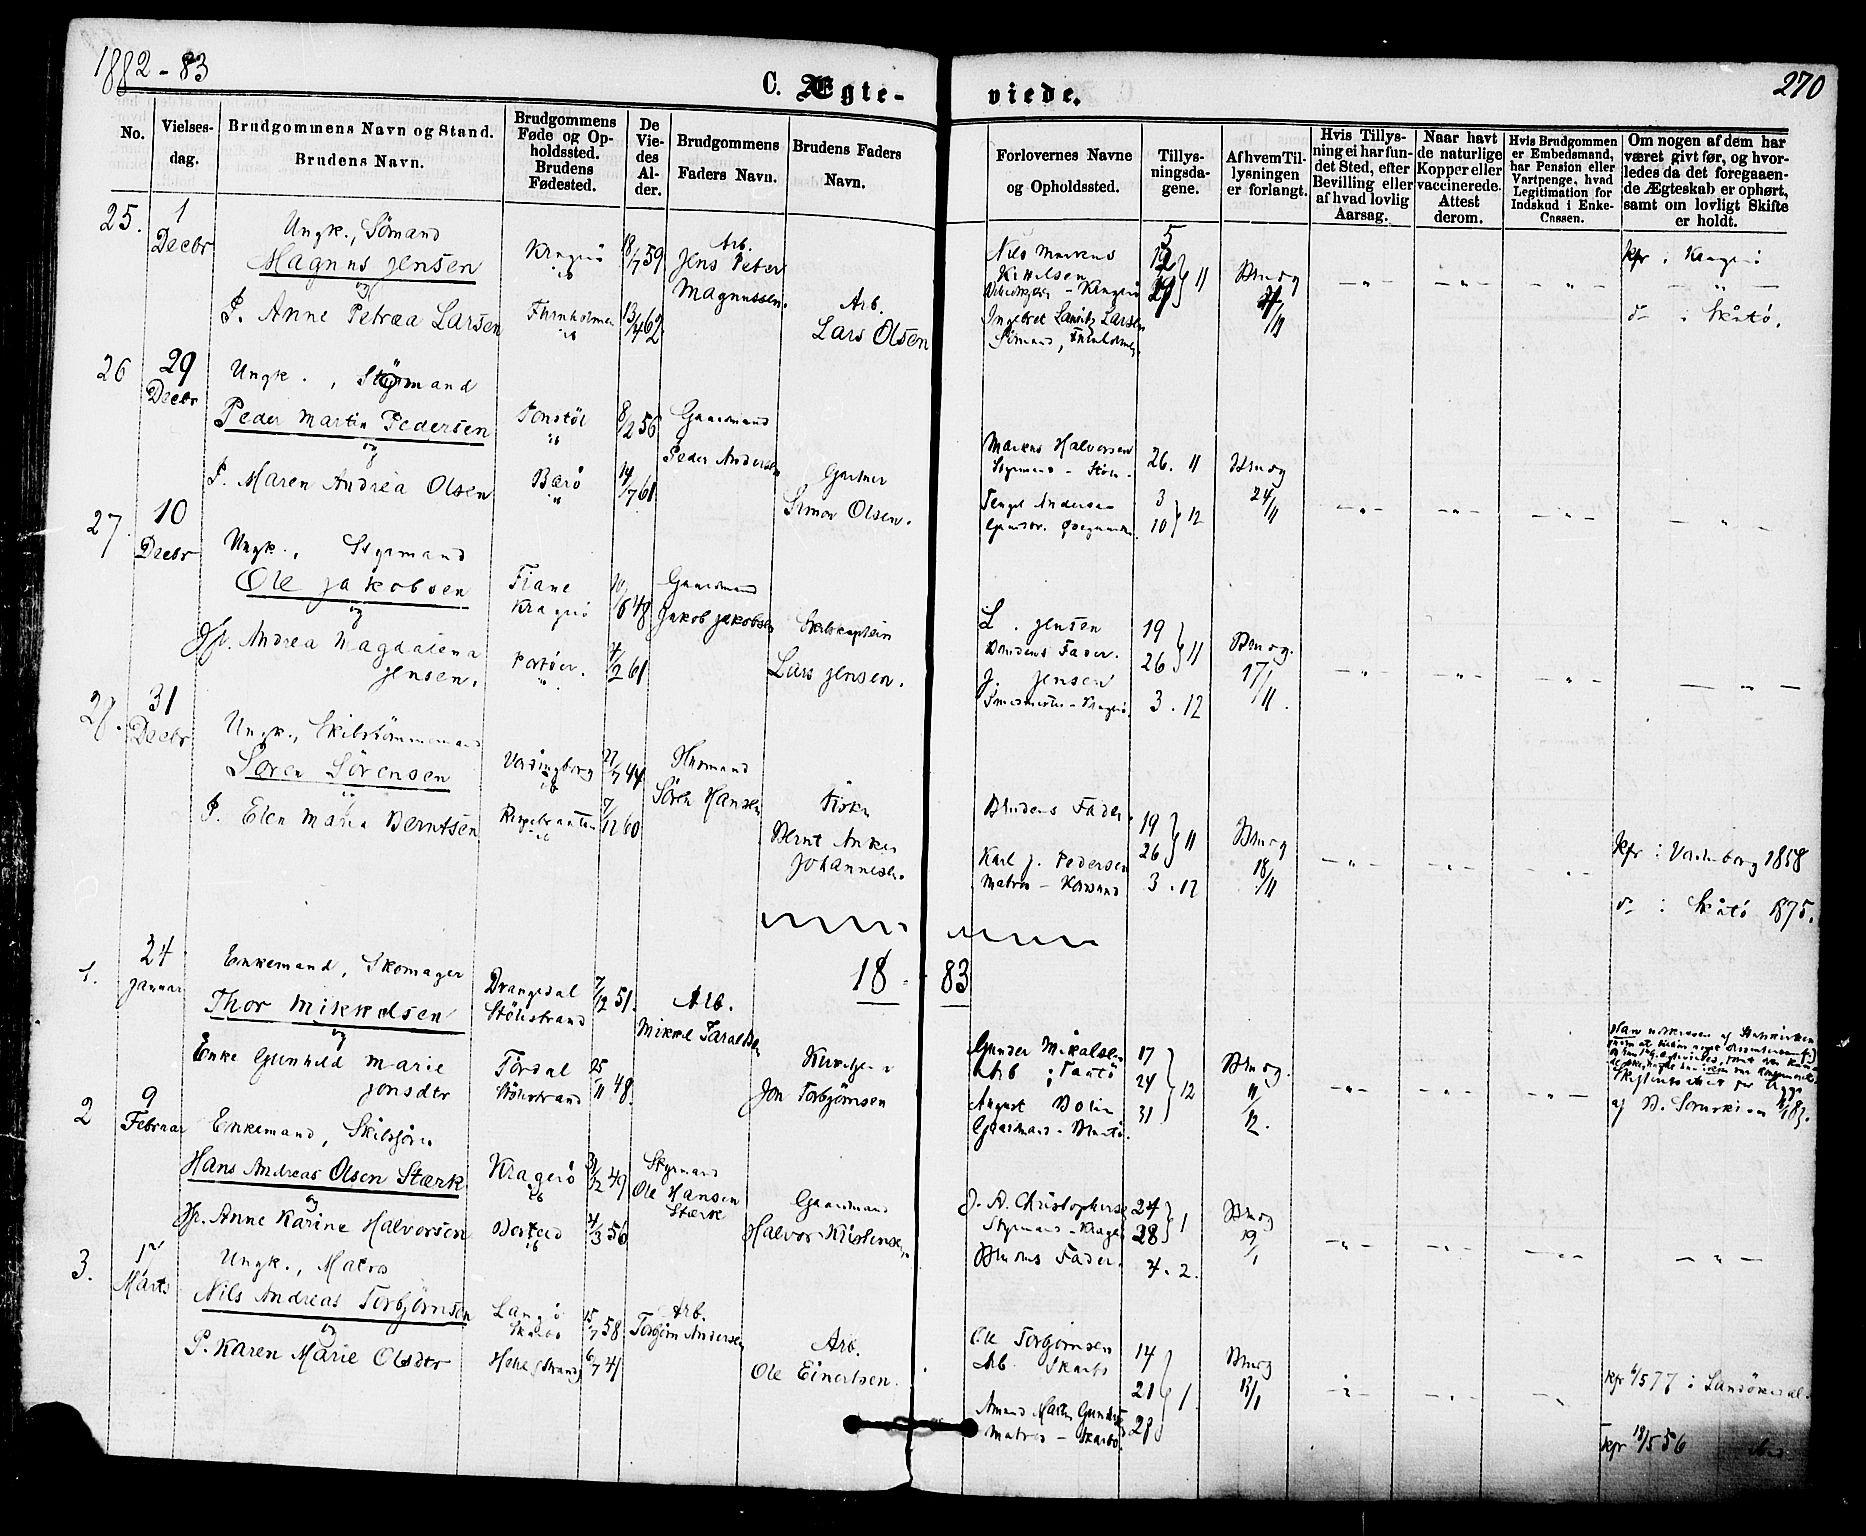 SAKO, Skåtøy kirkebøker, F/Fa/L0001: Ministerialbok nr. I 1, 1874-1883, s. 270